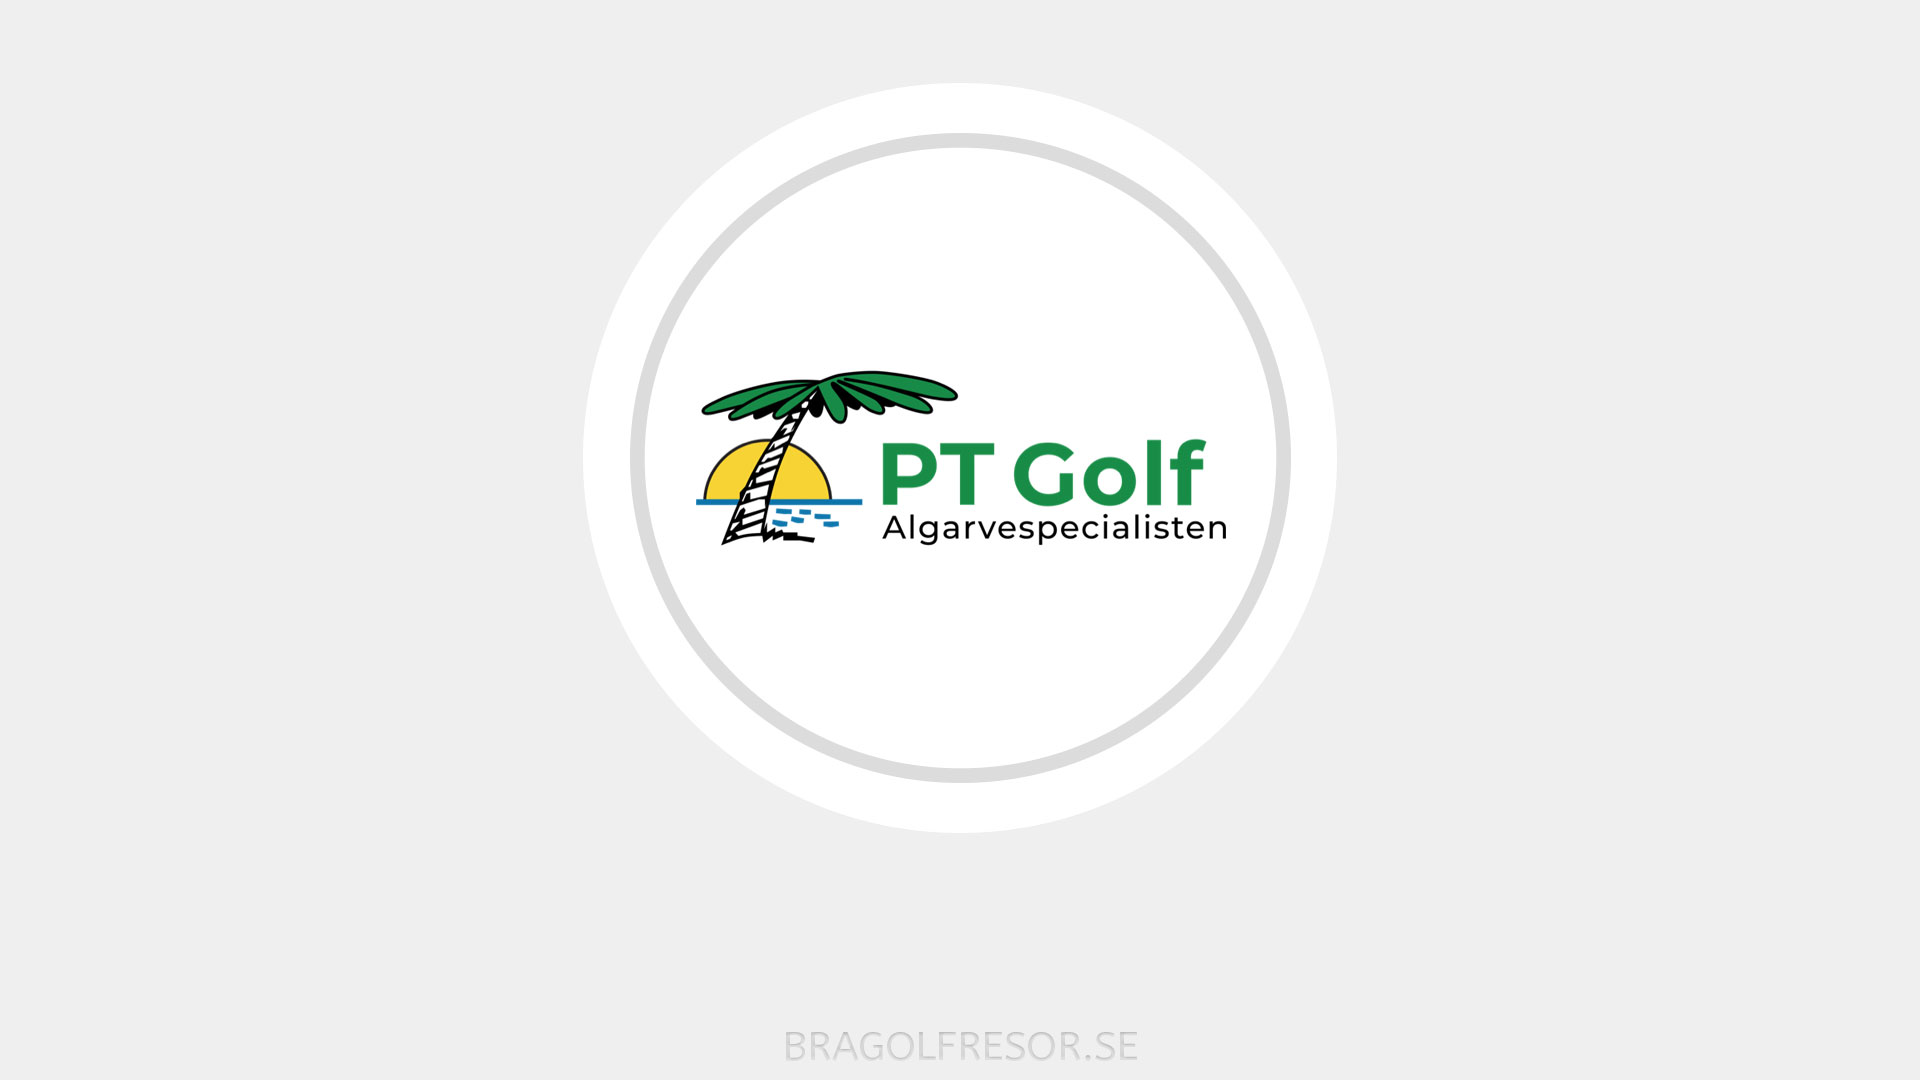 PT Golf